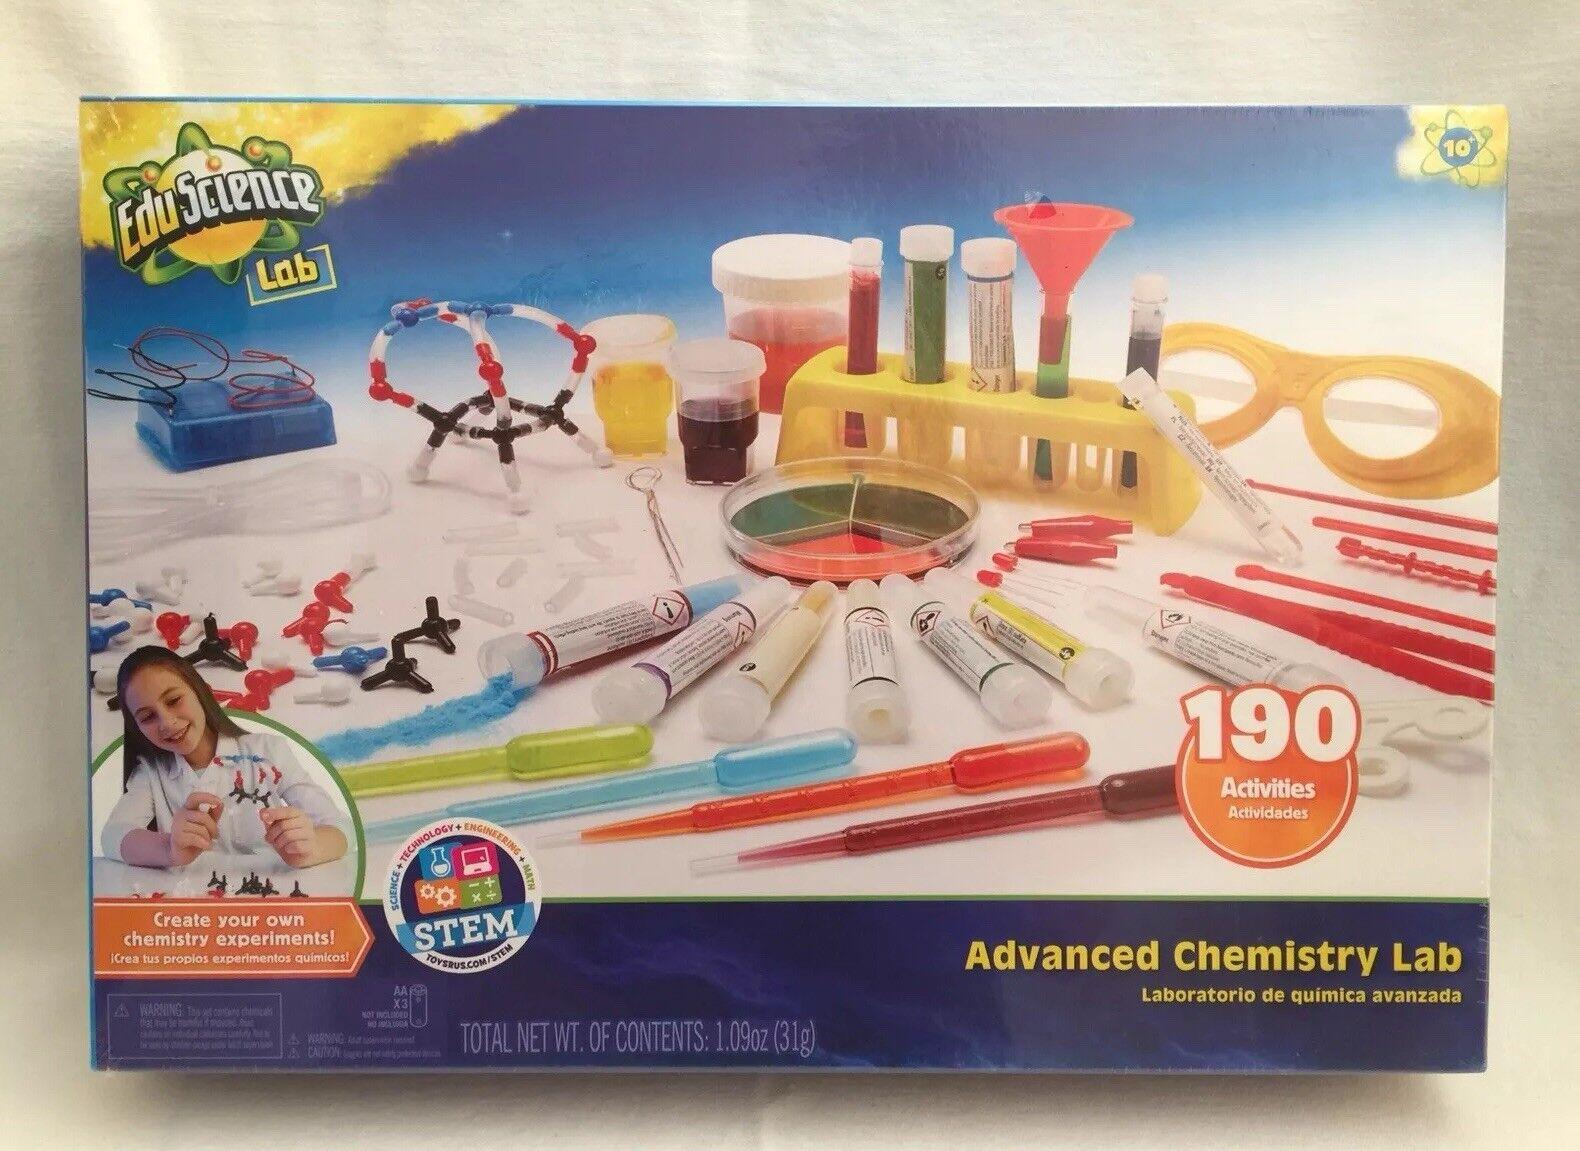 Laboratorio de química avanzada eduscience nuevo 190 actividades